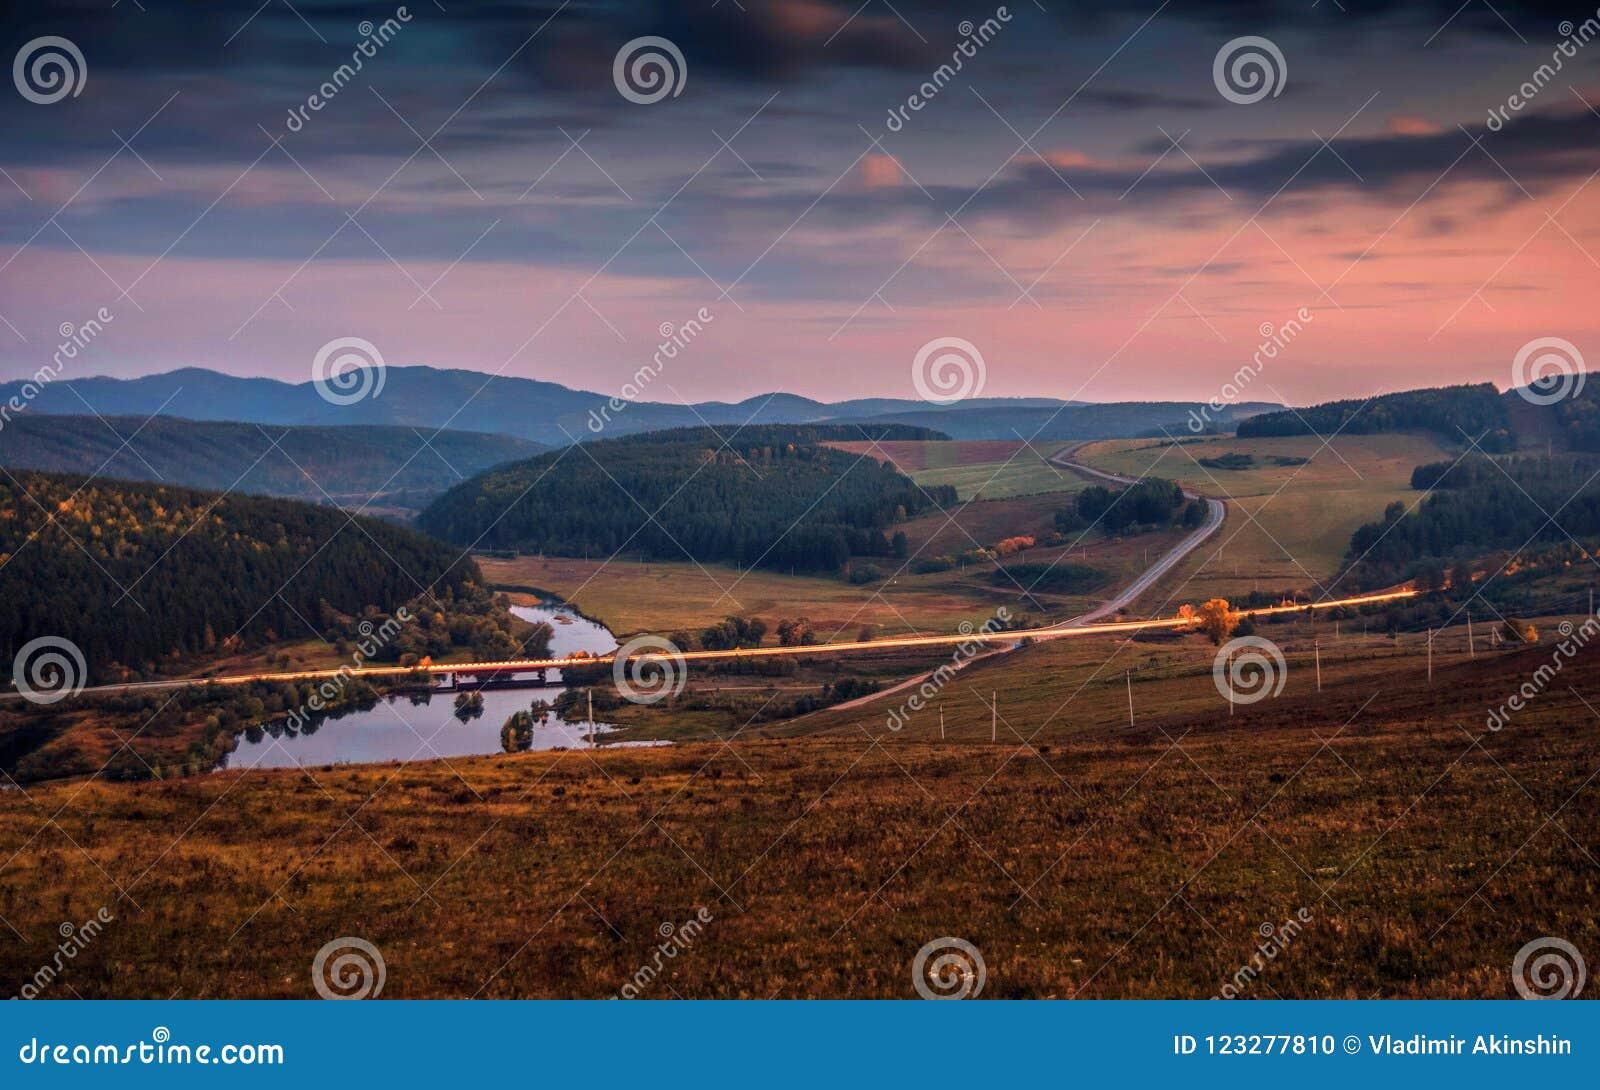 Autostrady i drogi most nad rzeką przy zmierzchu wieczór słońcem na tle góry